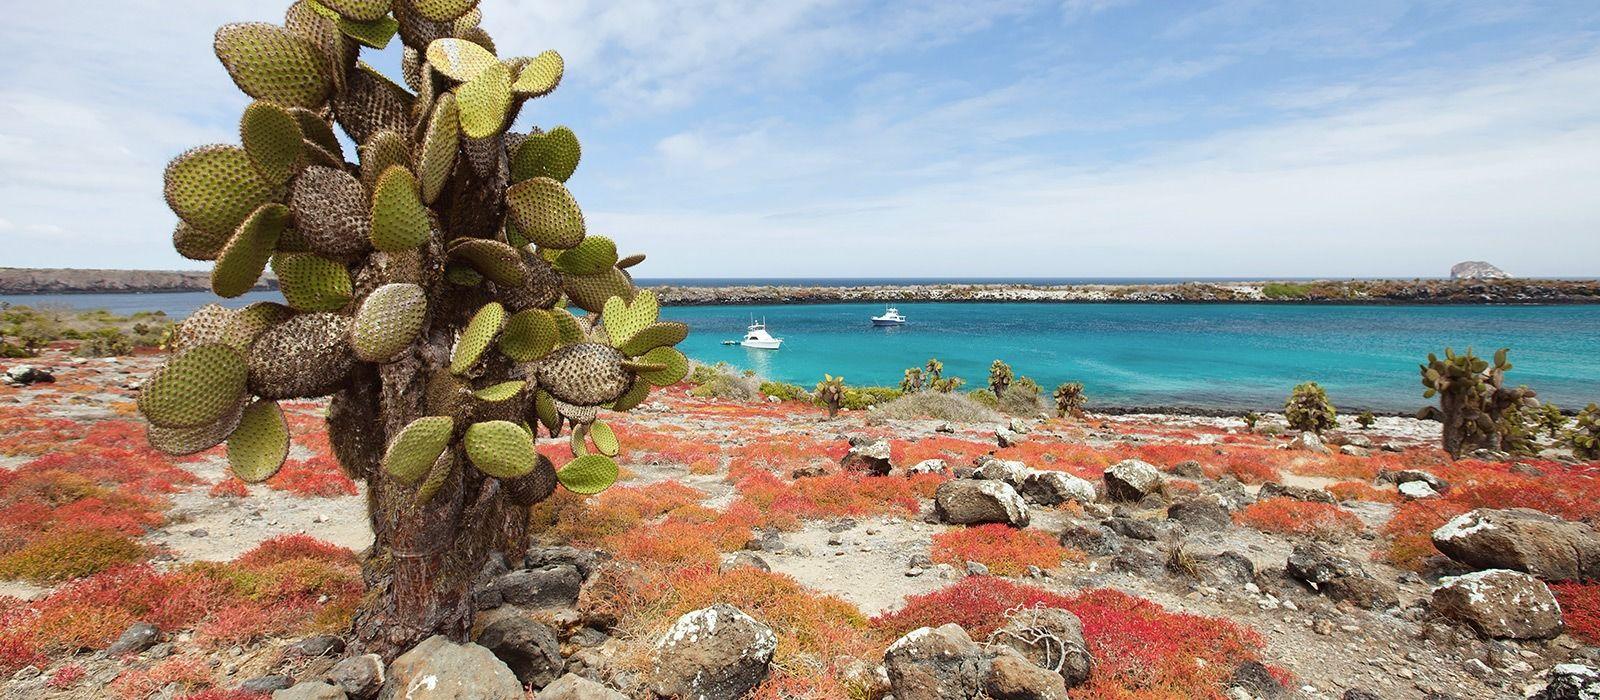 Ecuador: Galapagos Safari & Volcano Alley Tour Trip 1